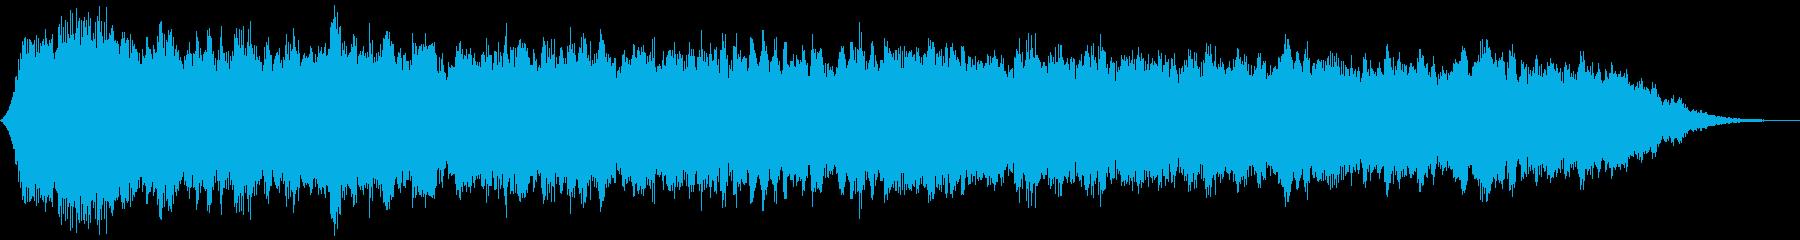 【ダークアンビエント】退廃的なBGMの再生済みの波形